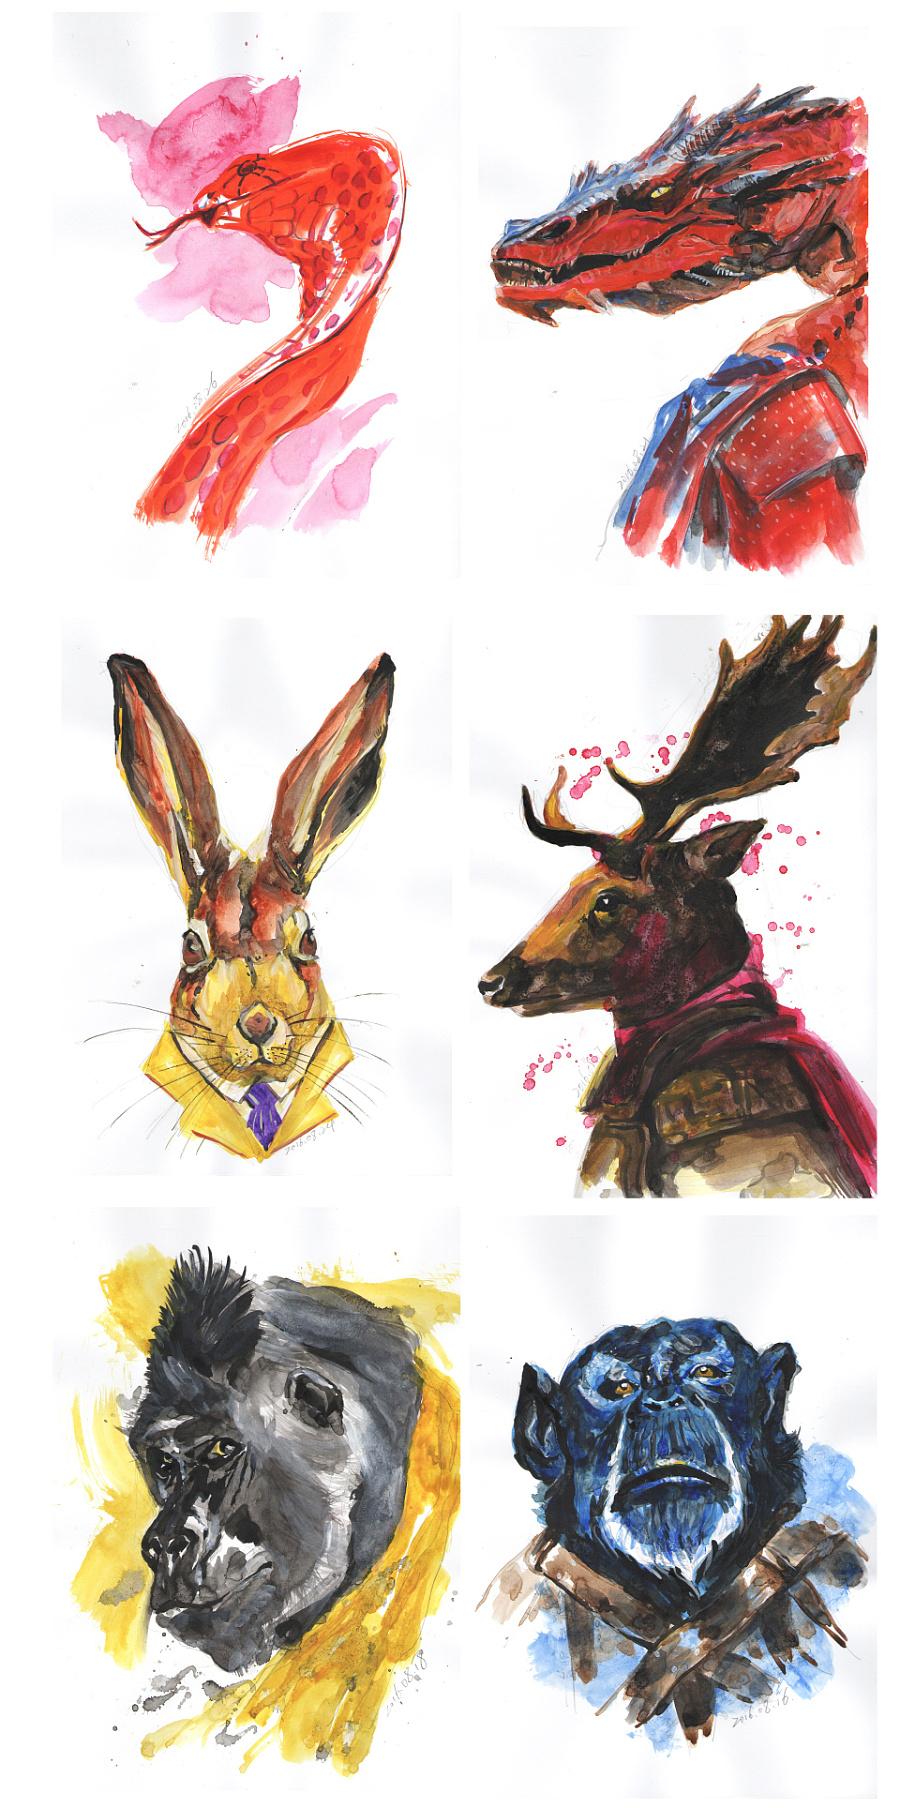 查看《百图斩|拟人化动物形象绘画》原图,原图尺寸:960x1928